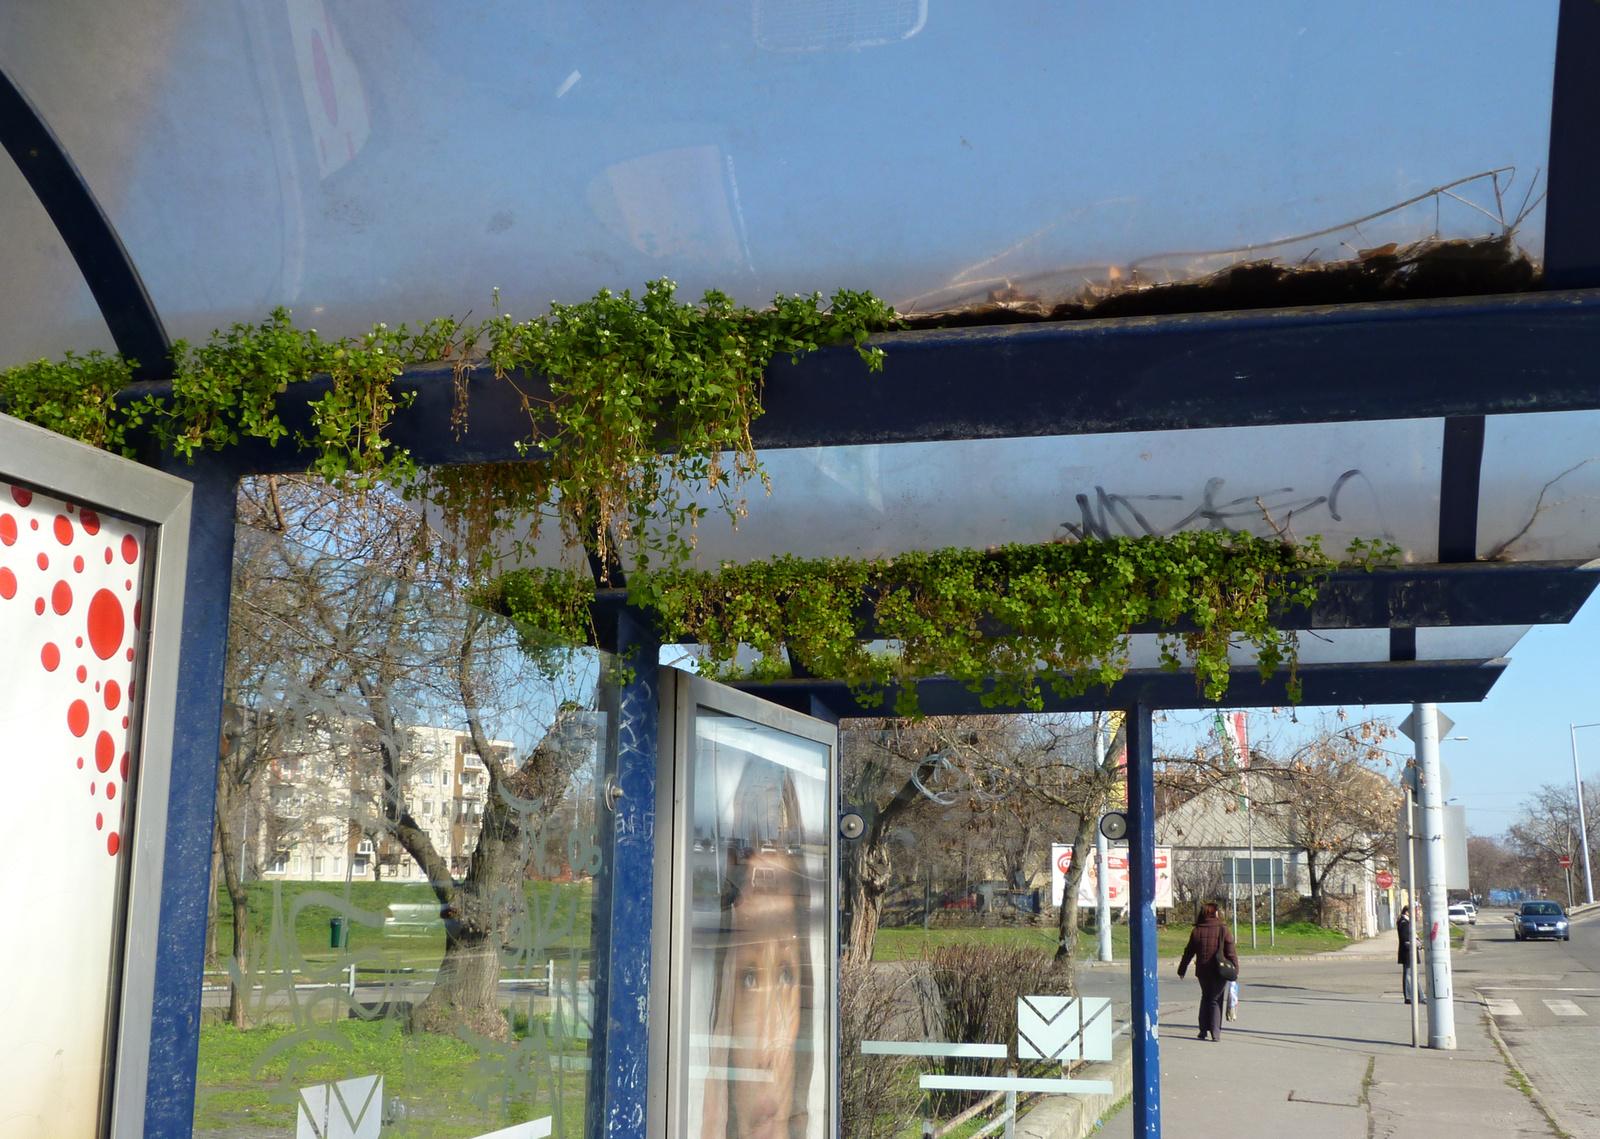 Itt a tavasz, nyílnak a buszmegállók - fotók: Eszter